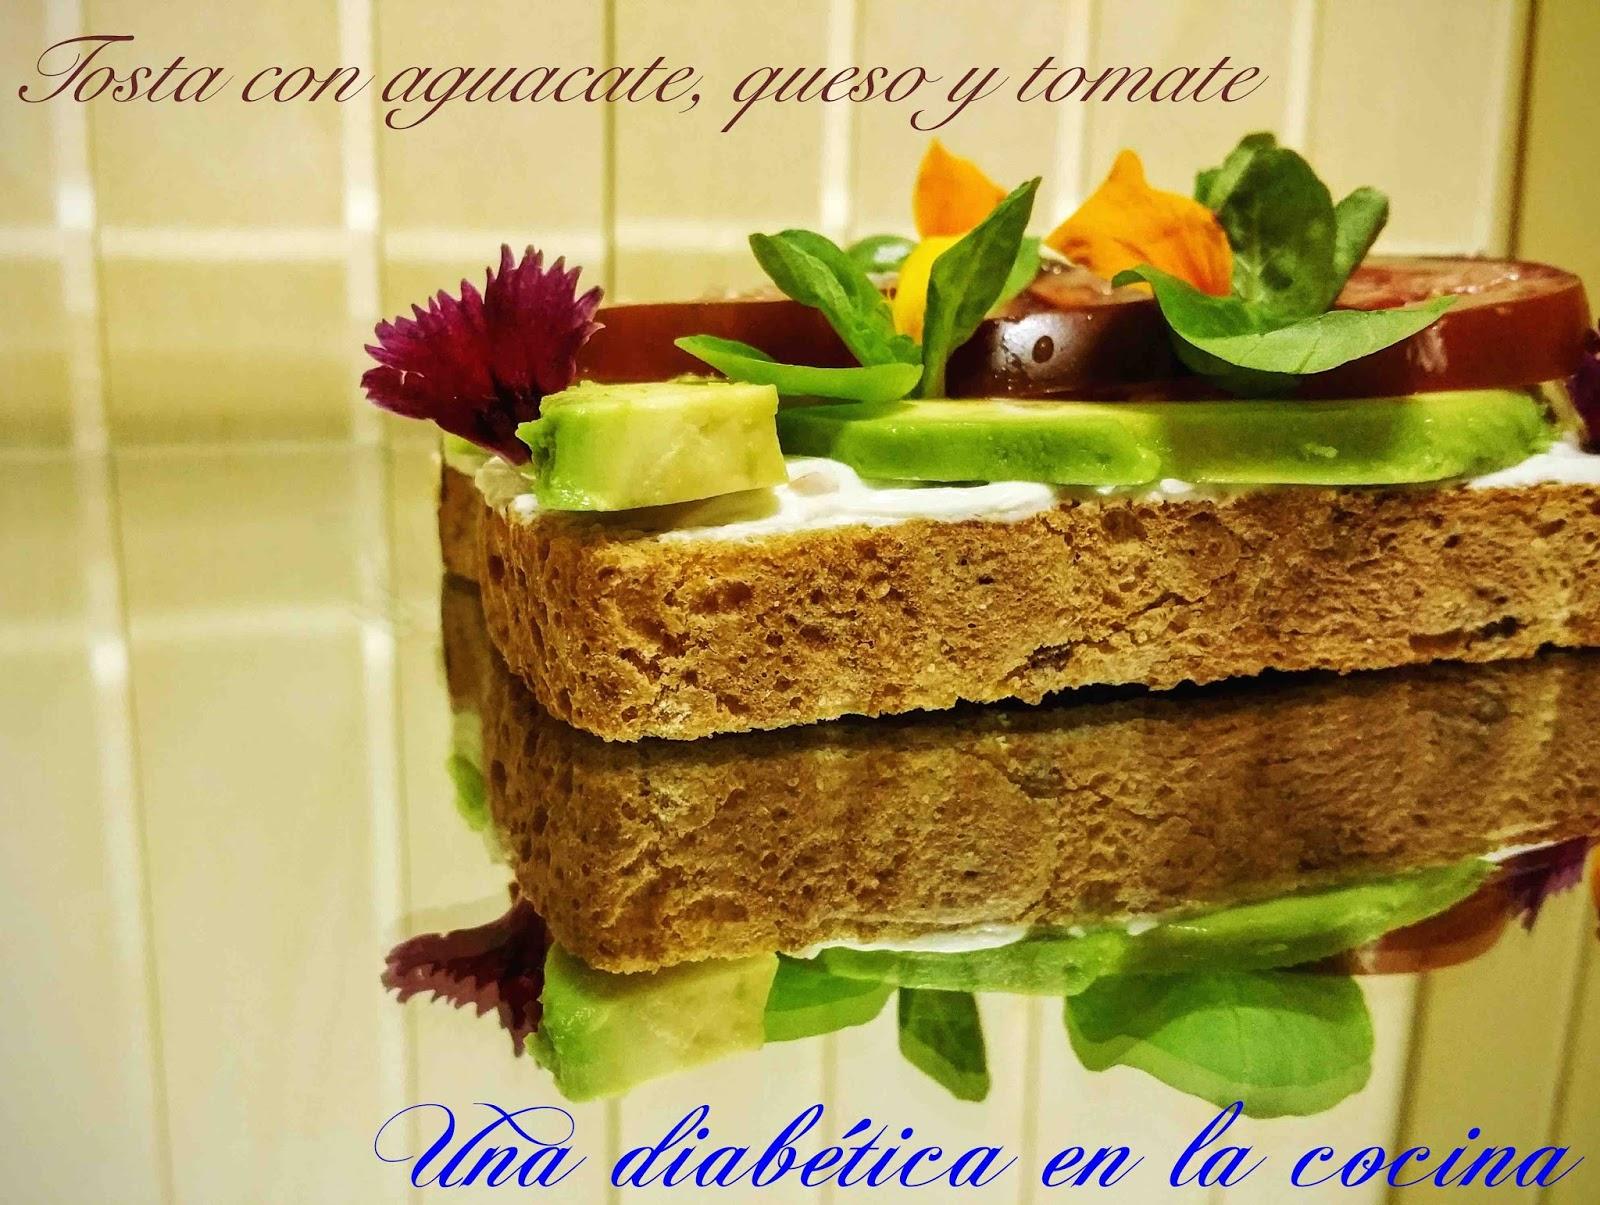 Una diabética en la cocina: Tosta con aguacate, queso y tomate